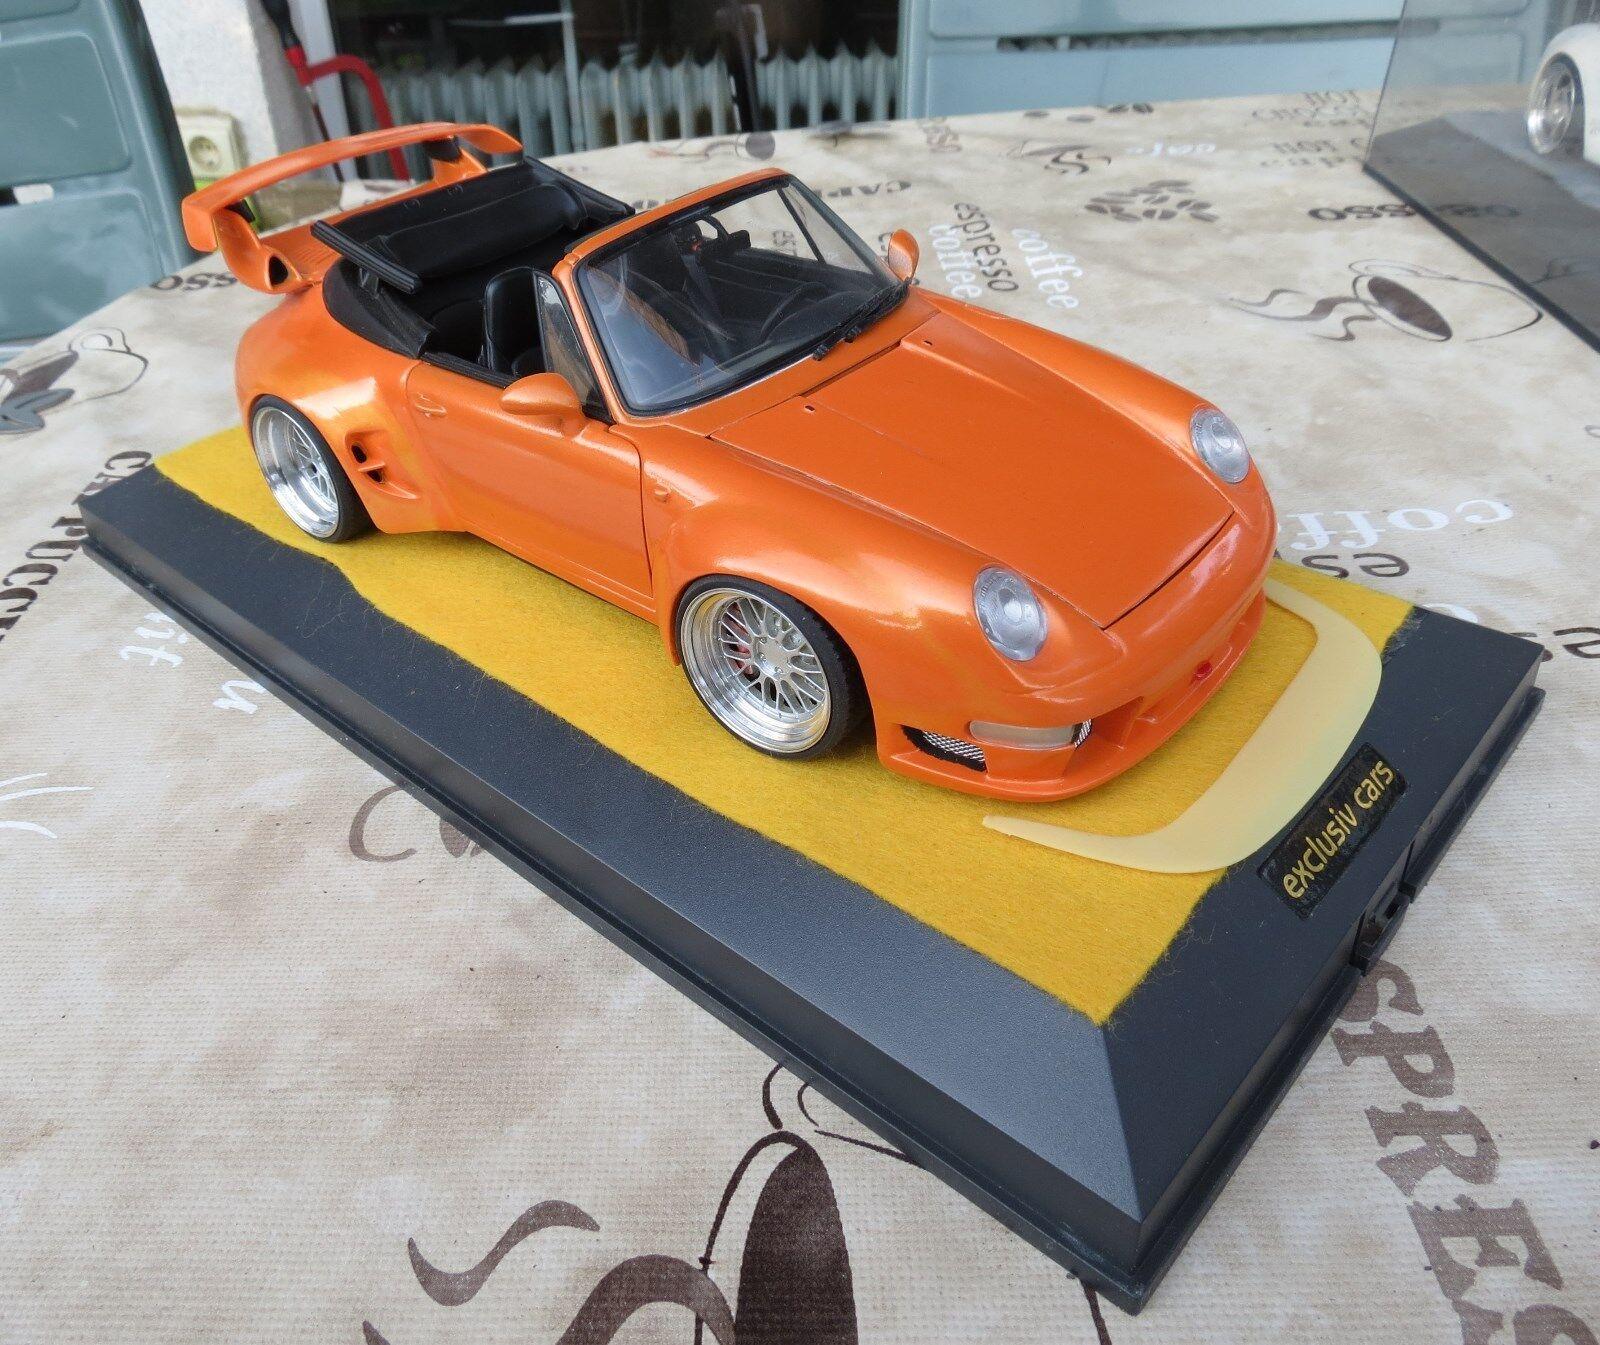 Porsche 911 993 extremo converdeible-ut-models 1 18 + vitrina Showcase